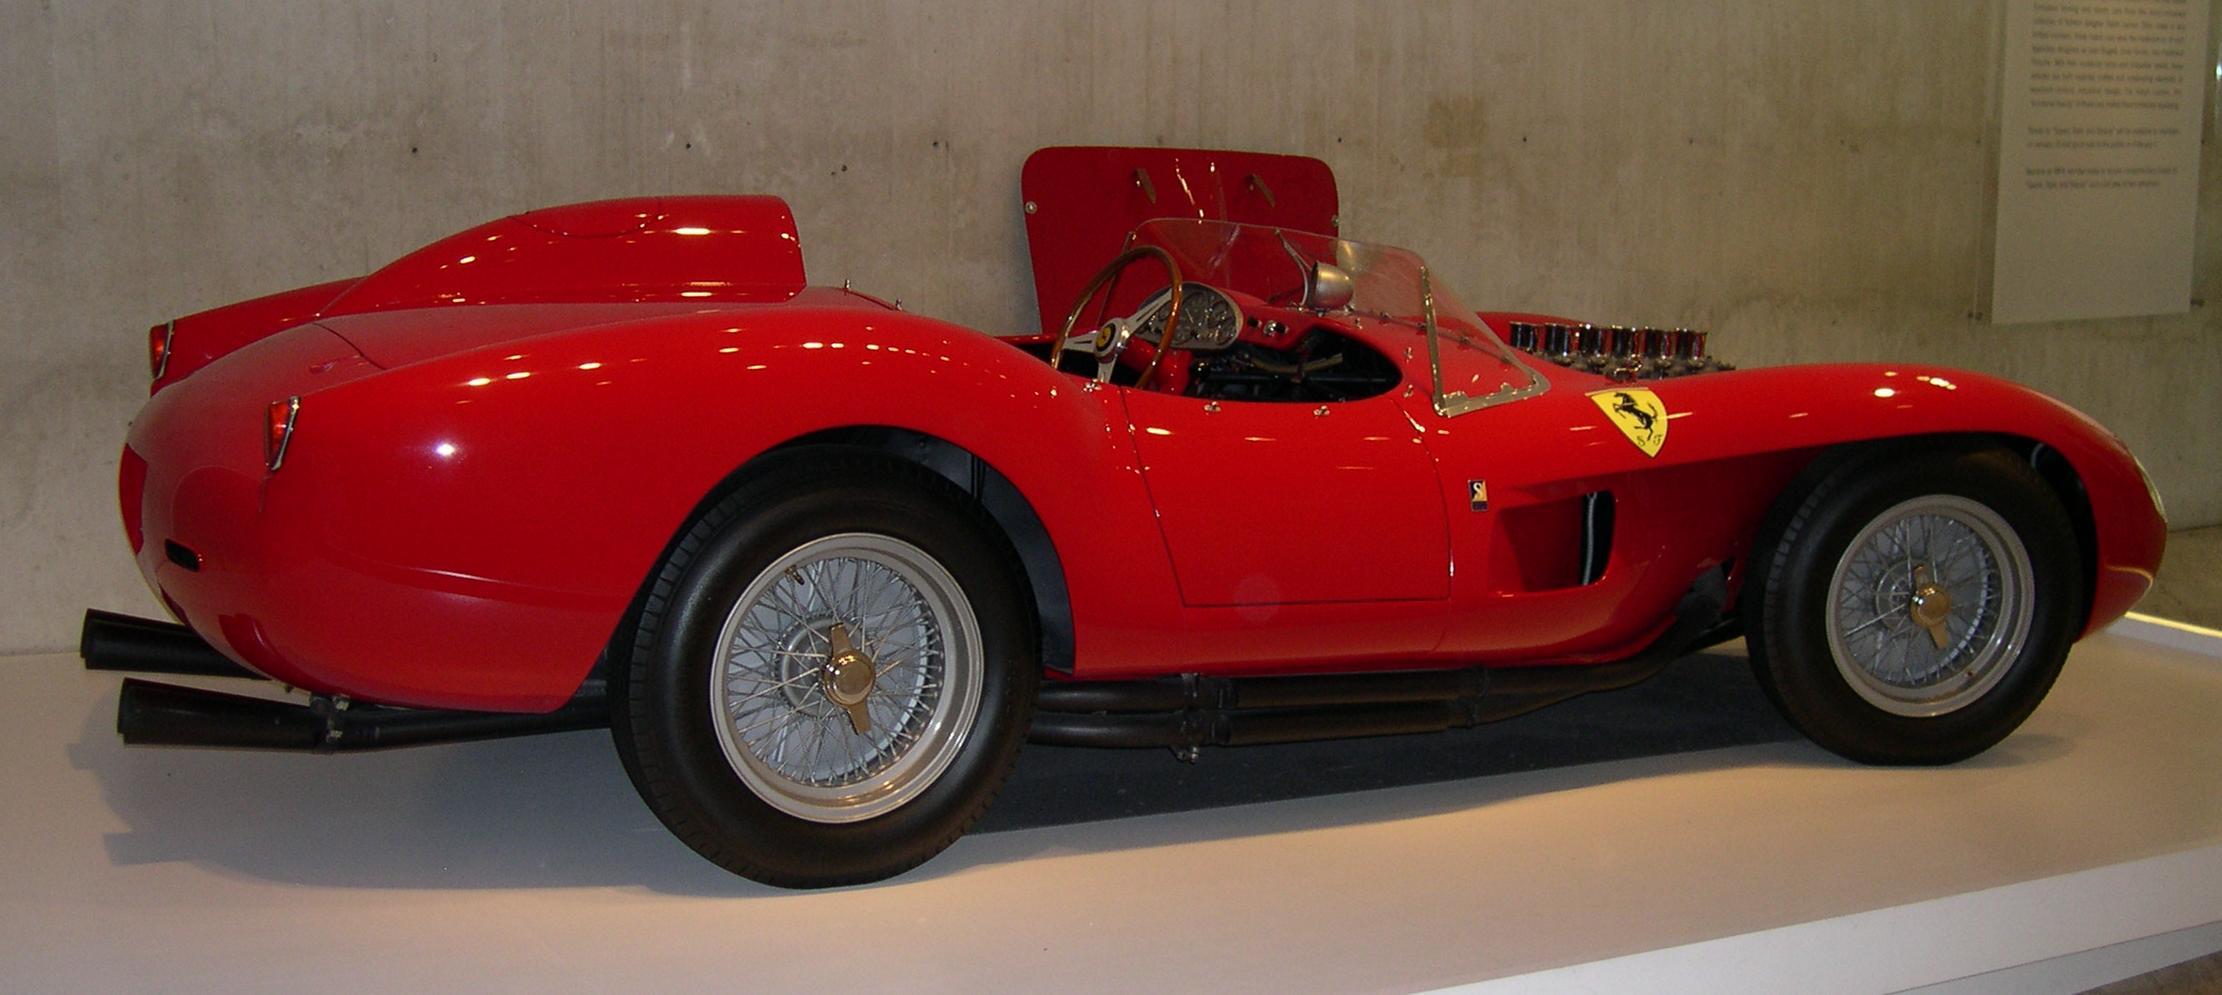 File Rl 1958 Ferrari 250 Testa Rossa Profile Jpg